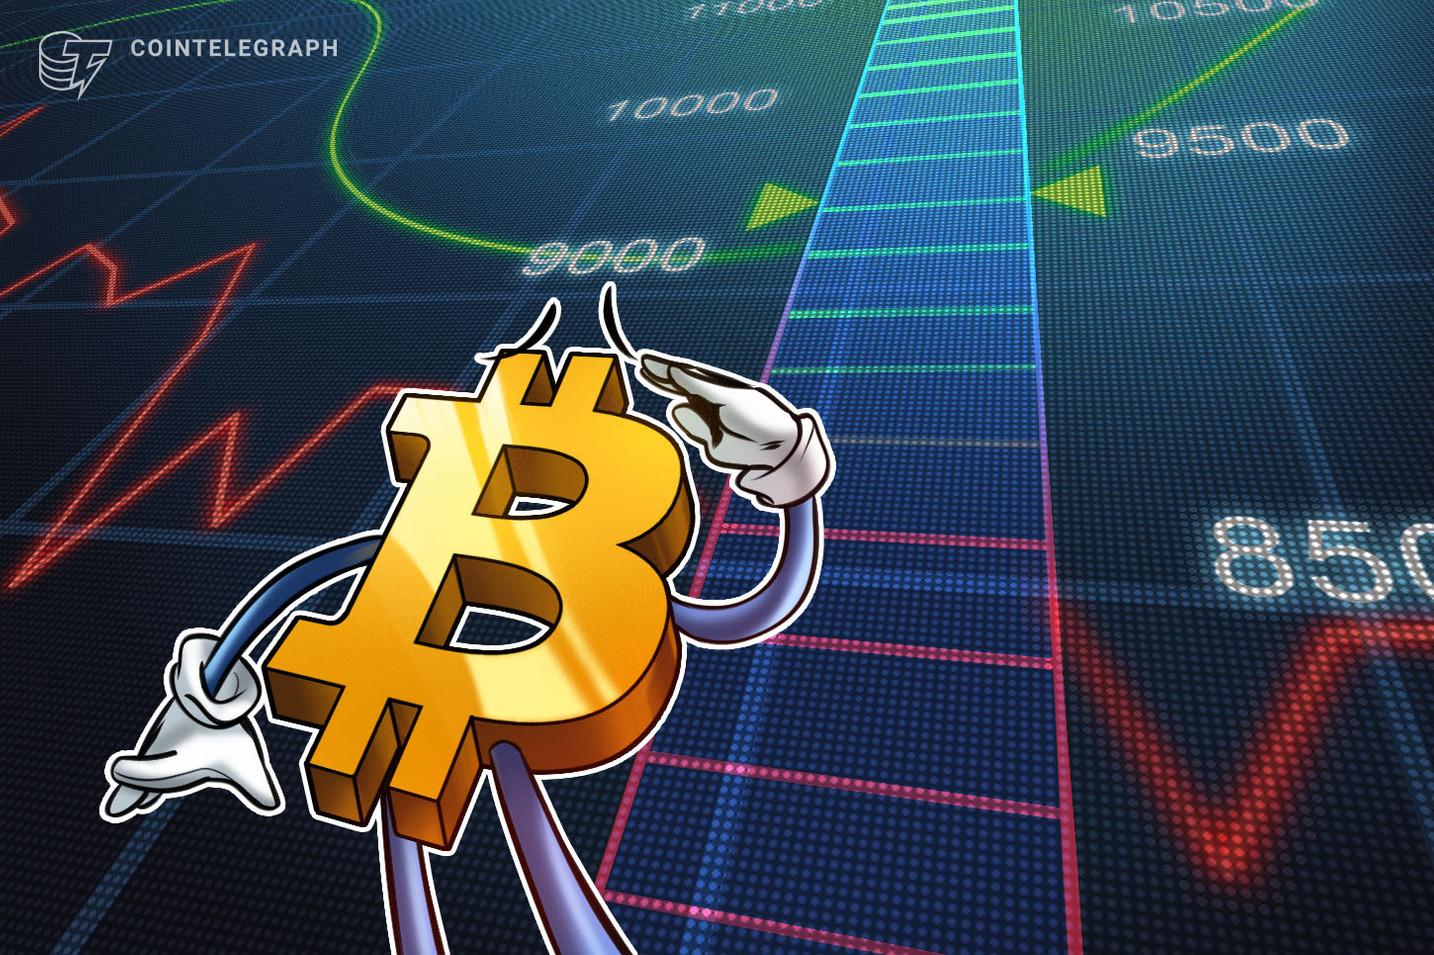 Bitcoin cai abaixo de US$ 9.000 com preço provocando a quebra do corredor de trading